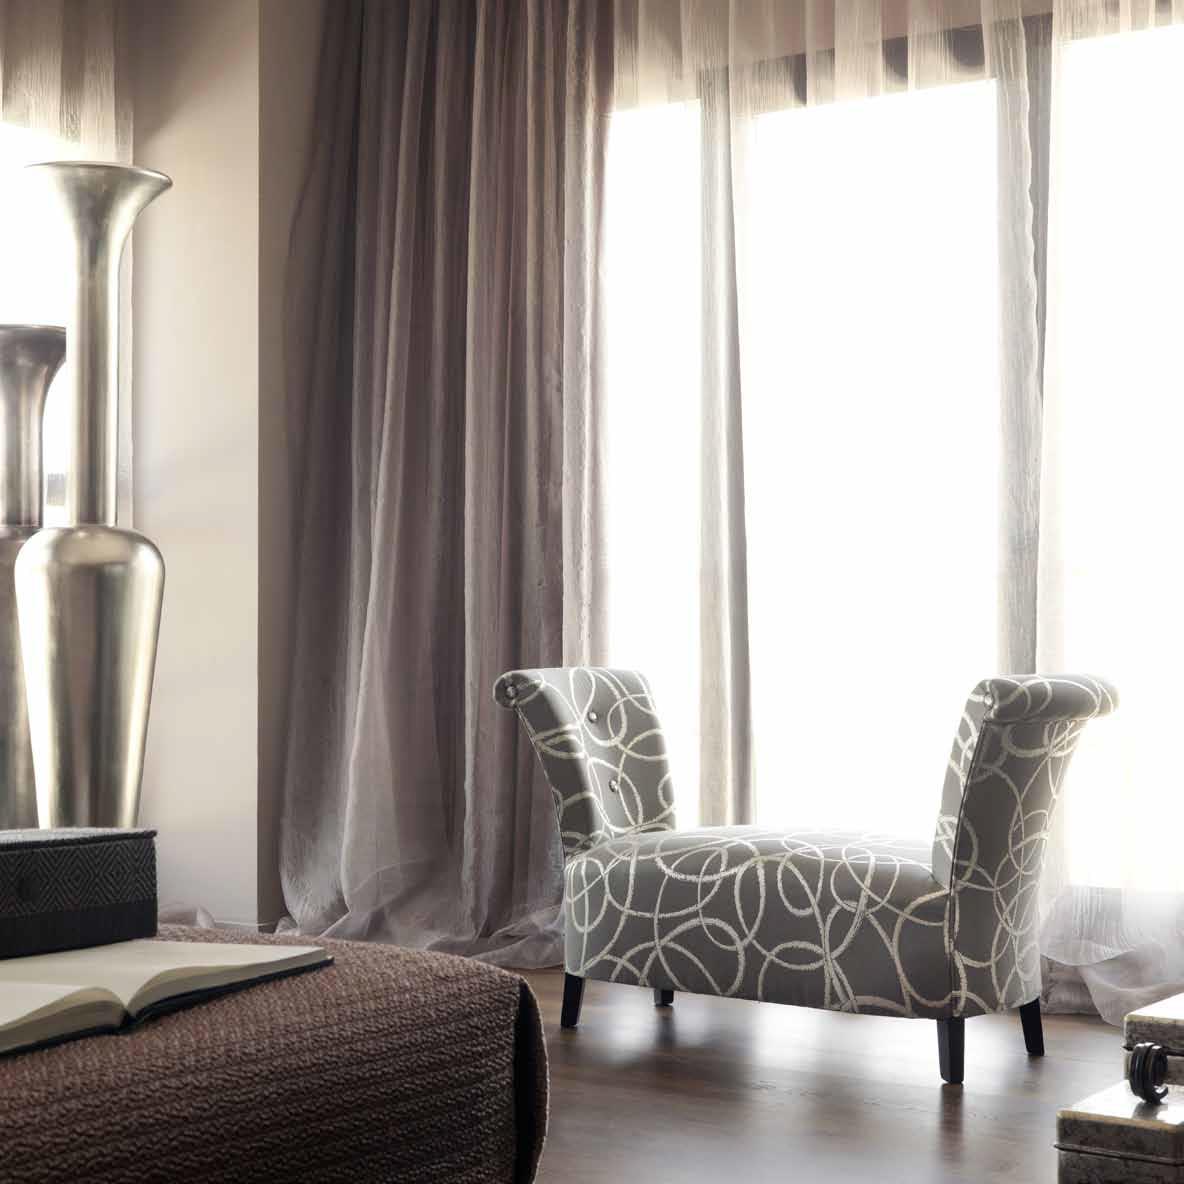 Las banquetas son ideales para el dormitorio villalba - Banqueta para dormitorio ...